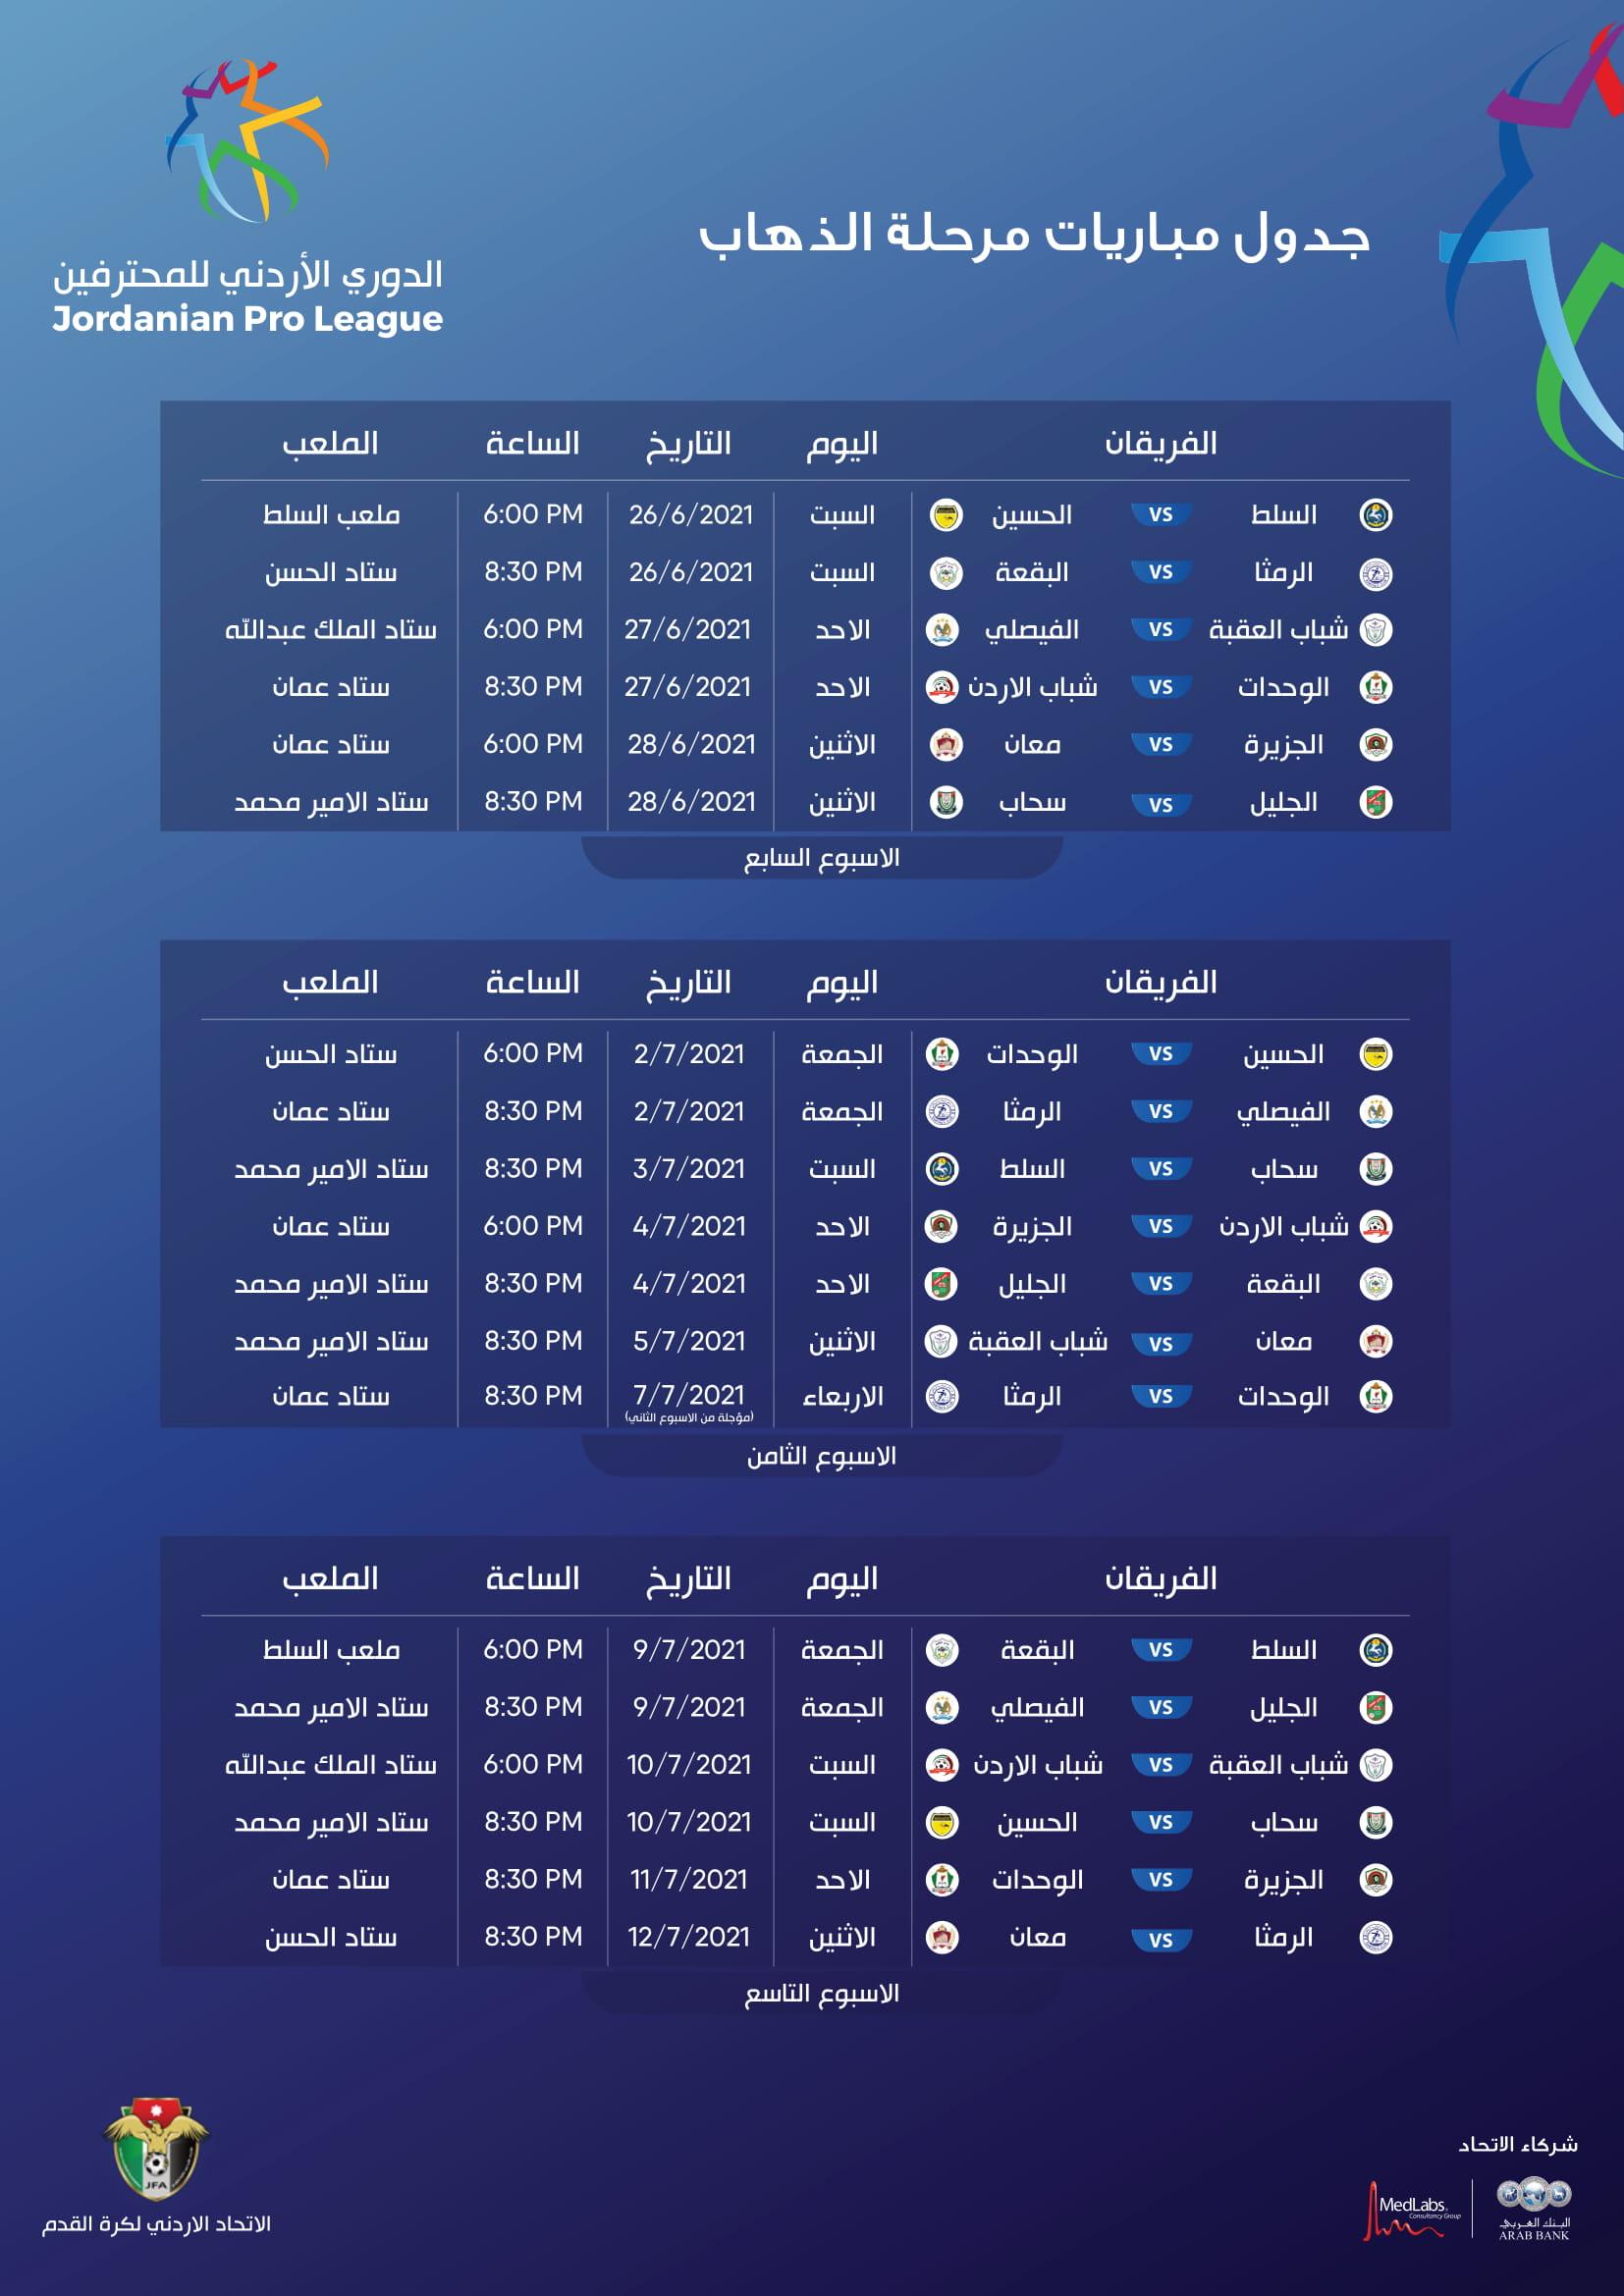 اتحاد الكرة الأردني يعيد جدولة مباريات الذهاب في الدوري